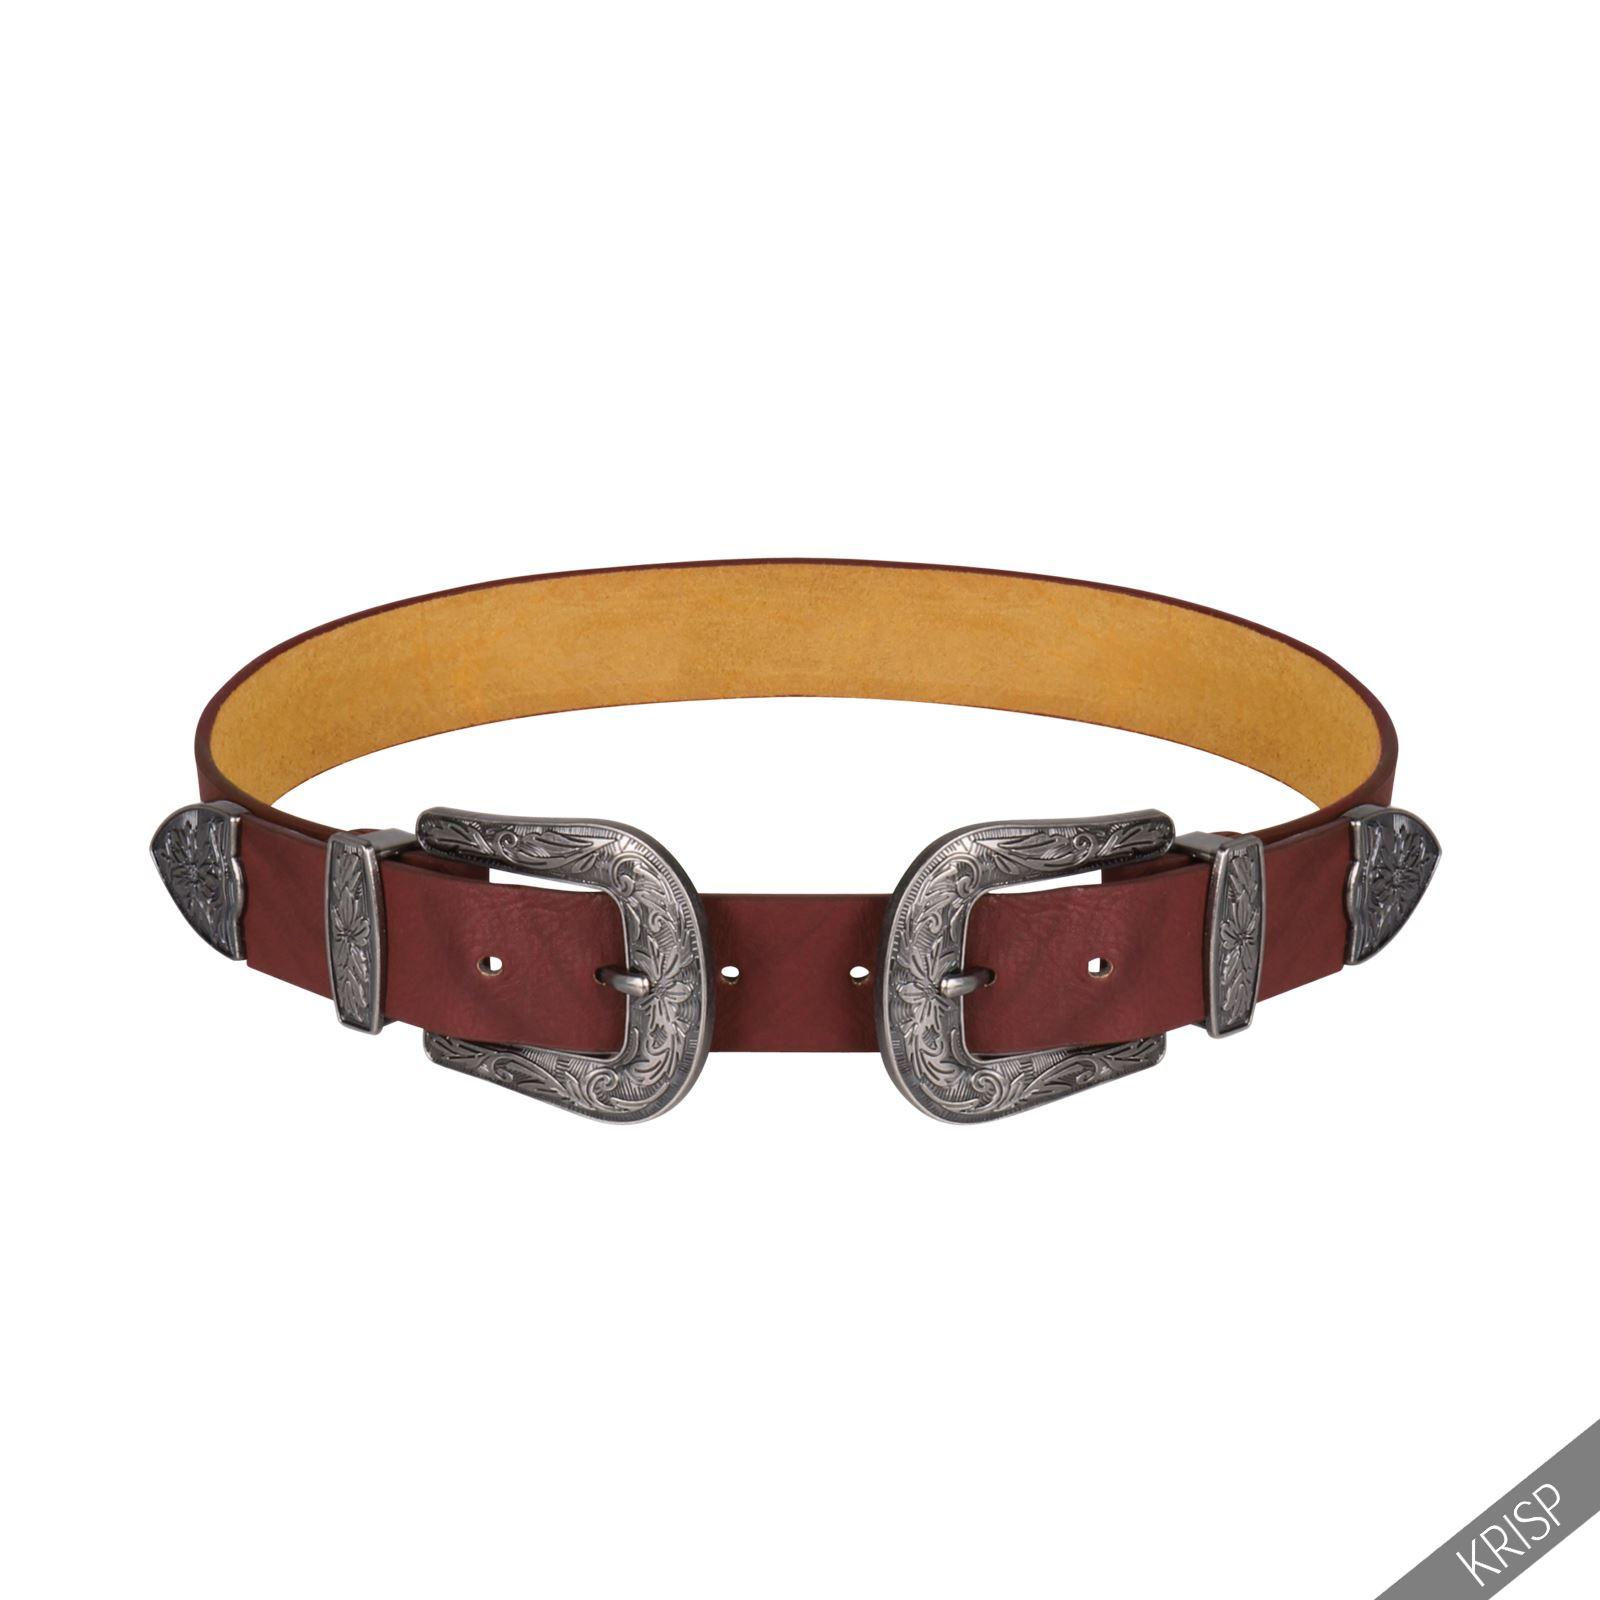 femmes ceinture double boucles m tal western cuir accessoire unisexe ajustable ebay. Black Bedroom Furniture Sets. Home Design Ideas